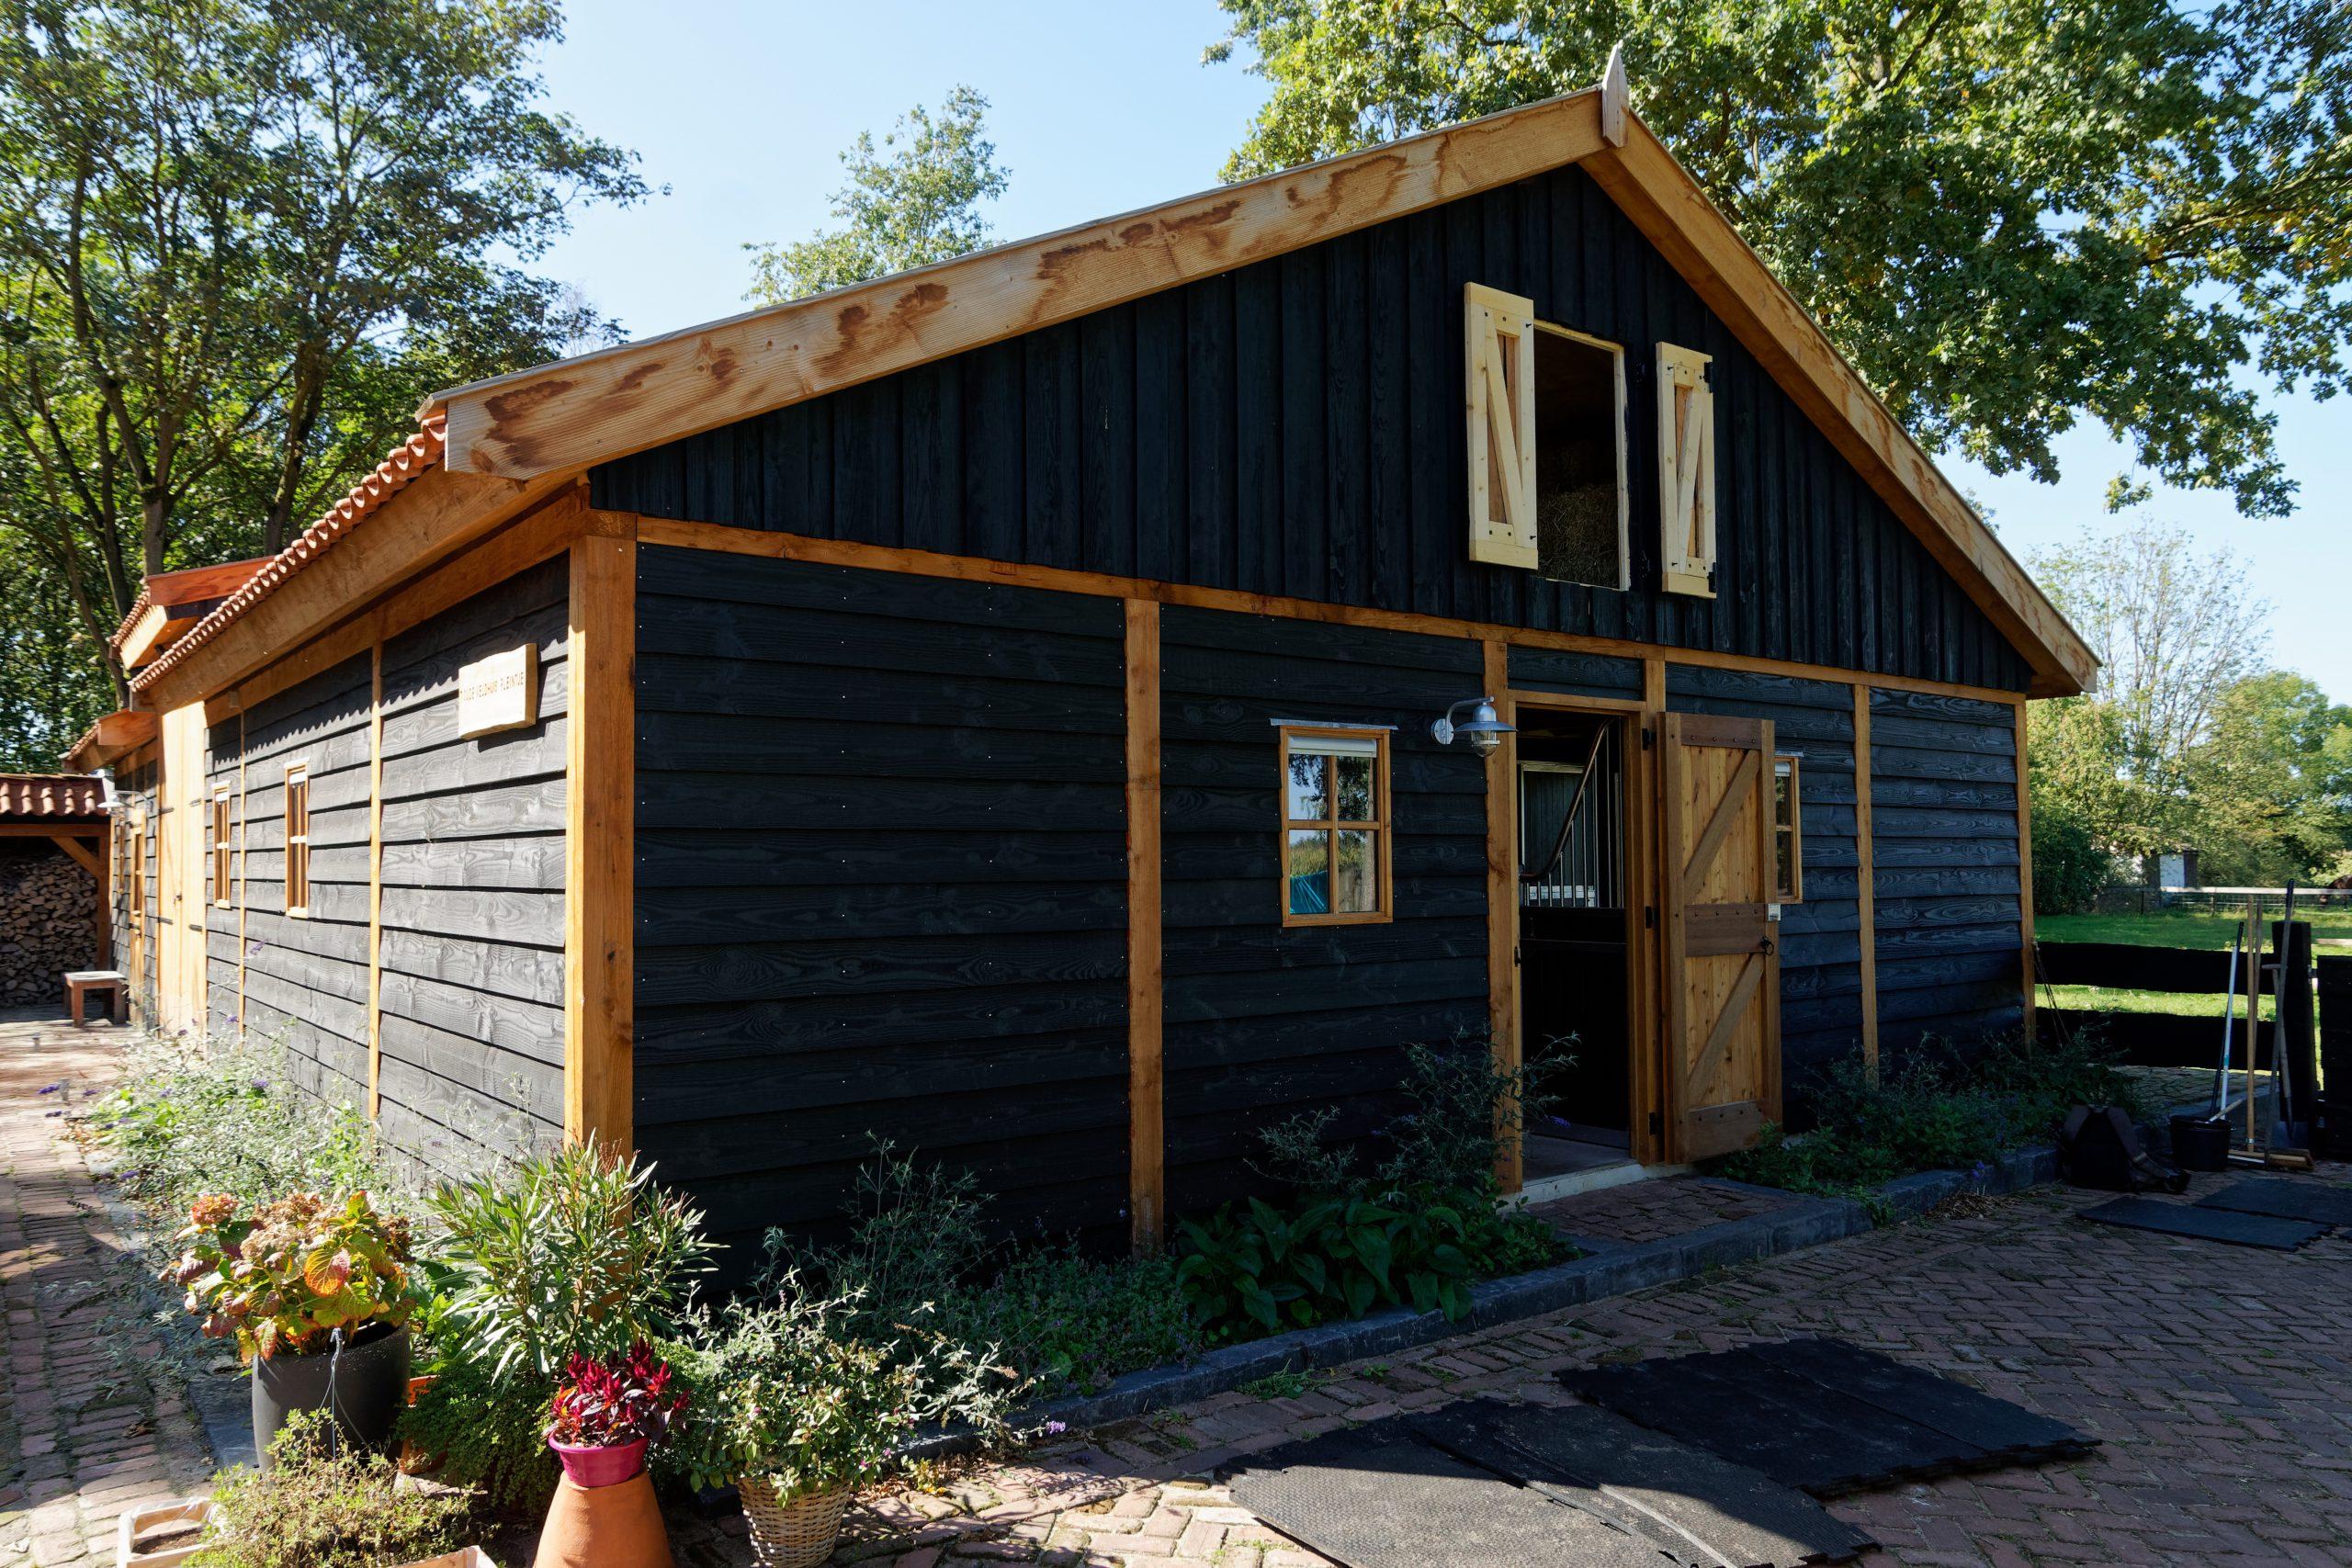 houten-schuur-met-paardenstallen-26-scaled - Project Hardenberg: Grote houten schuur met paardenstallen.